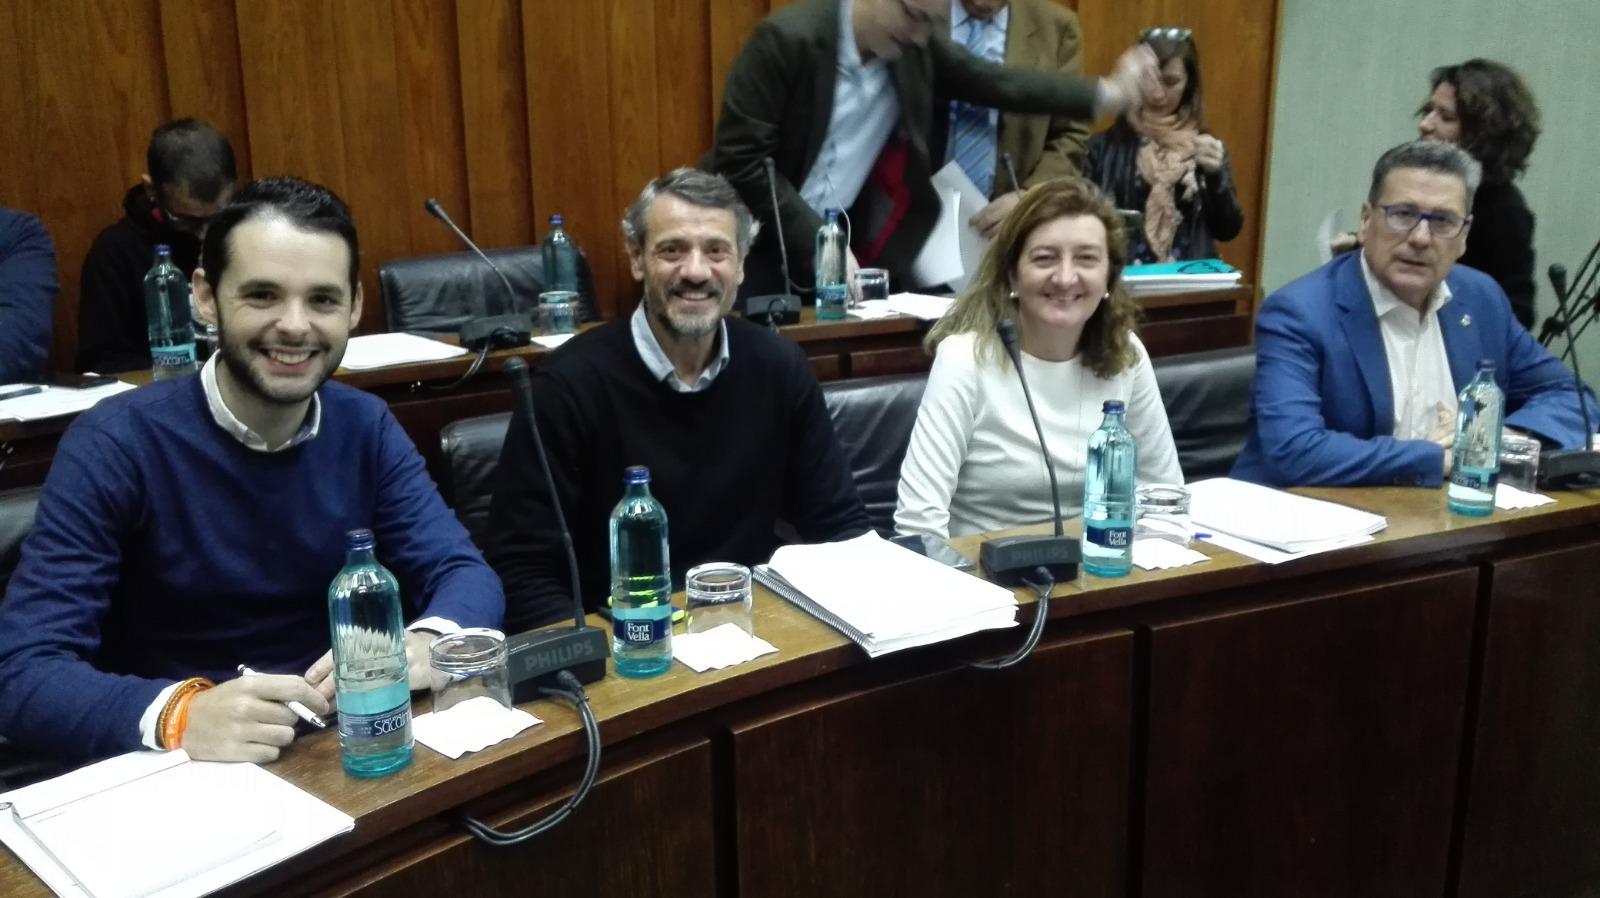 Los cuatro concejales de Cs l'Hospitalet momentos antes de iniciar el pleno municipal de diciembre